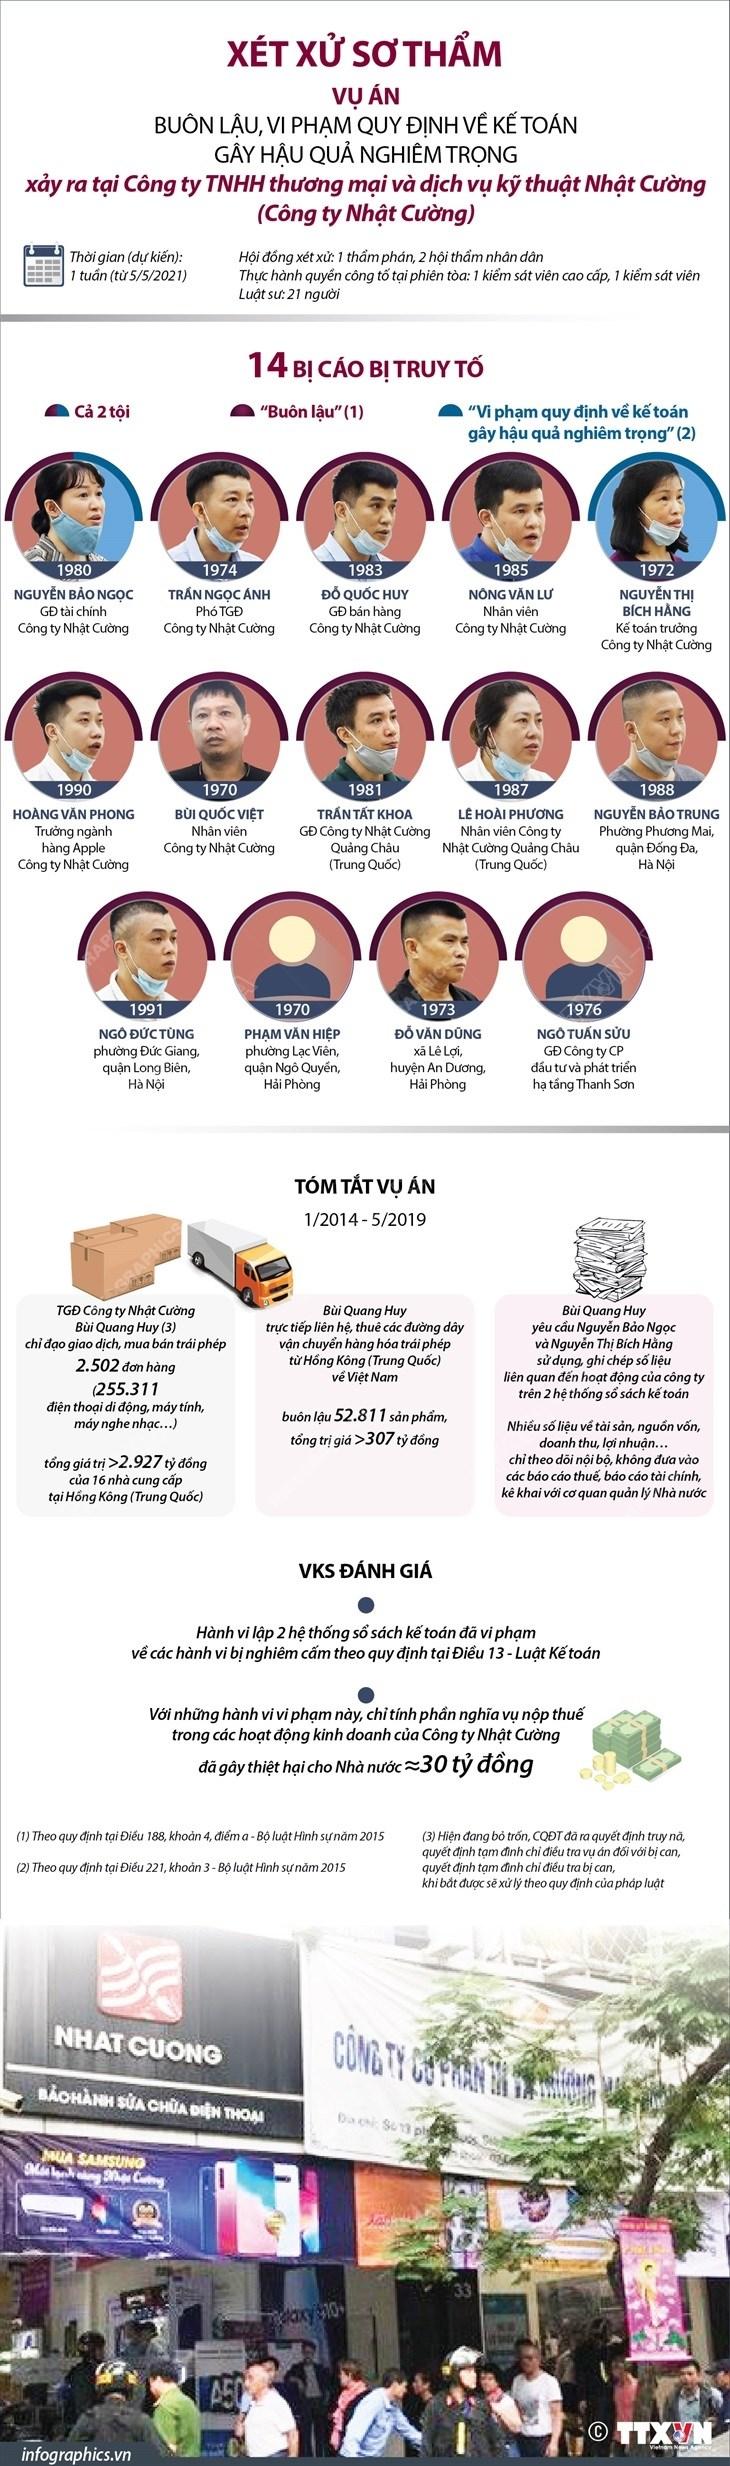 [Infographics] Xet xu vu Cong ty Nhat Cuong: 14 bi cao ra hau toa hinh anh 1